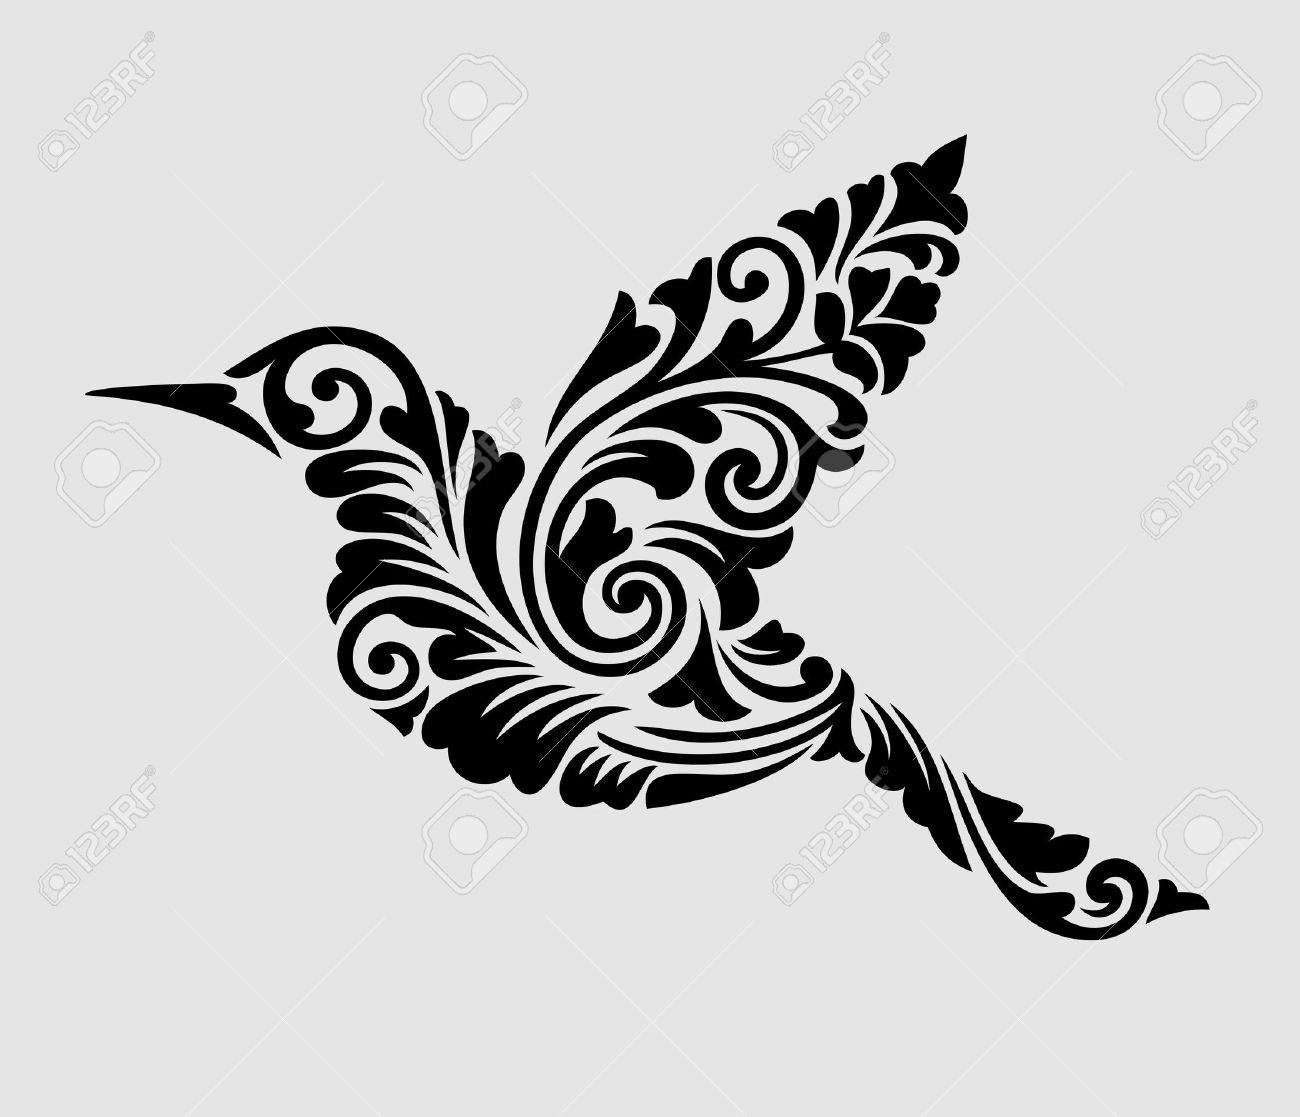 Bonito Limpio Y Suave Vector Pájaro De Vuelo Con La Decoración De